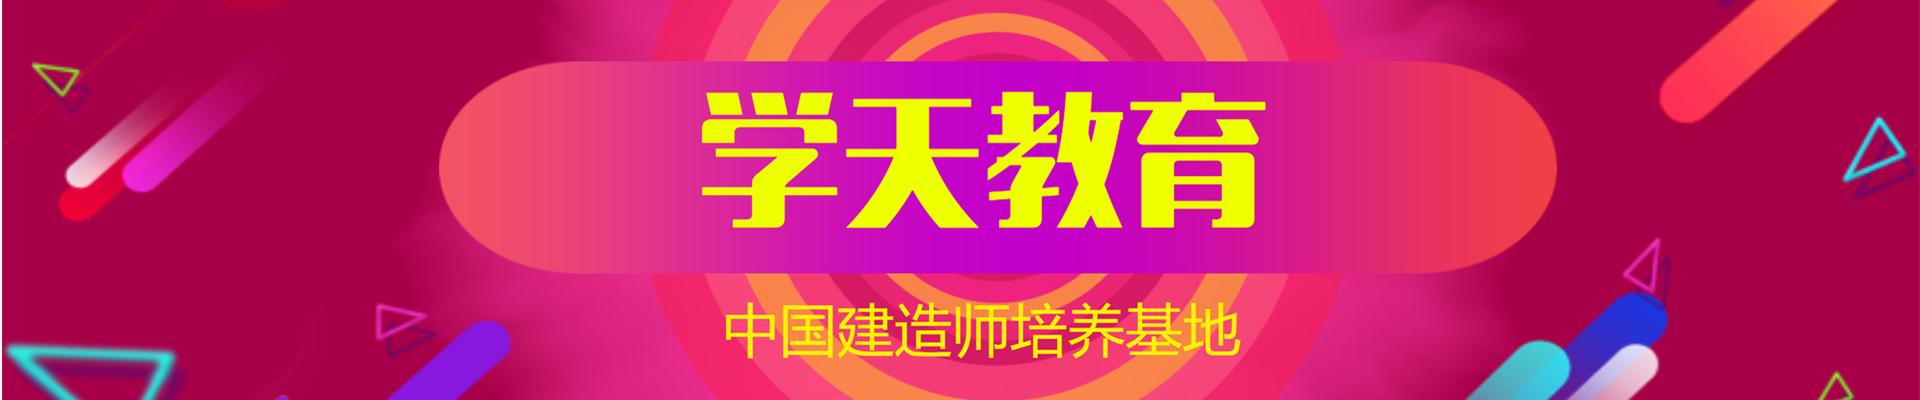 上海虹口学天教育培训